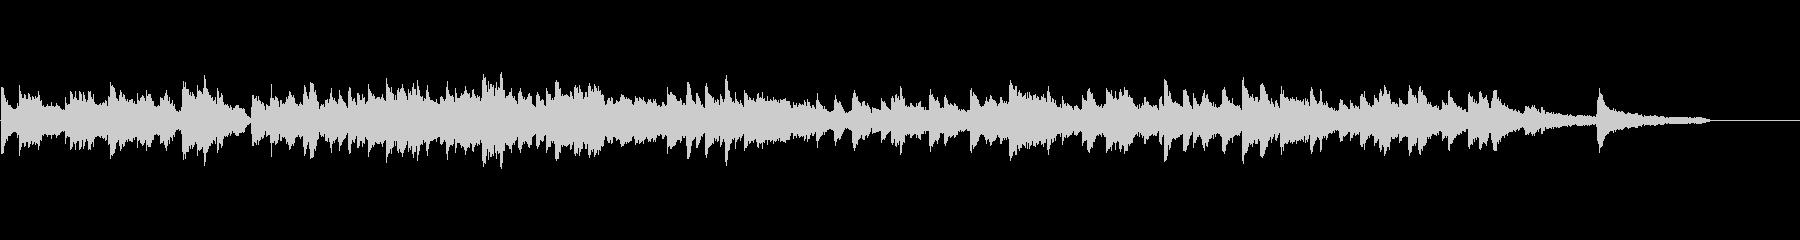 重厚な和音が響く切ないピアノバラードの未再生の波形